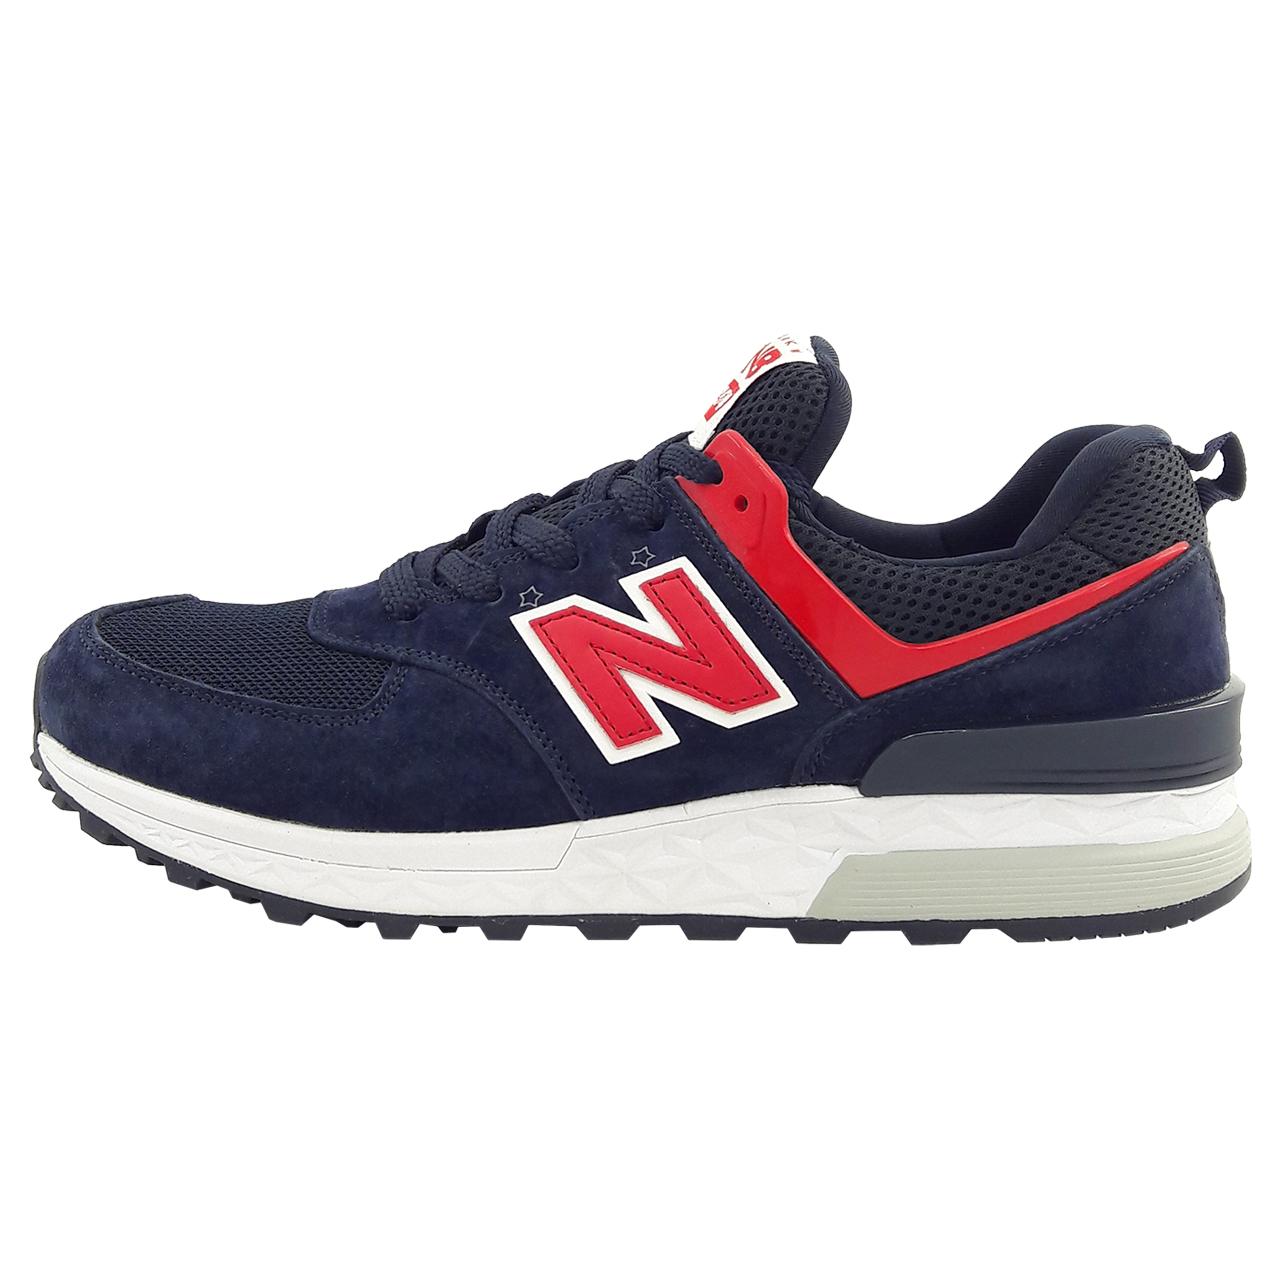 قیمت کفش راحتی مردانه ان بی مدل Nb 8574